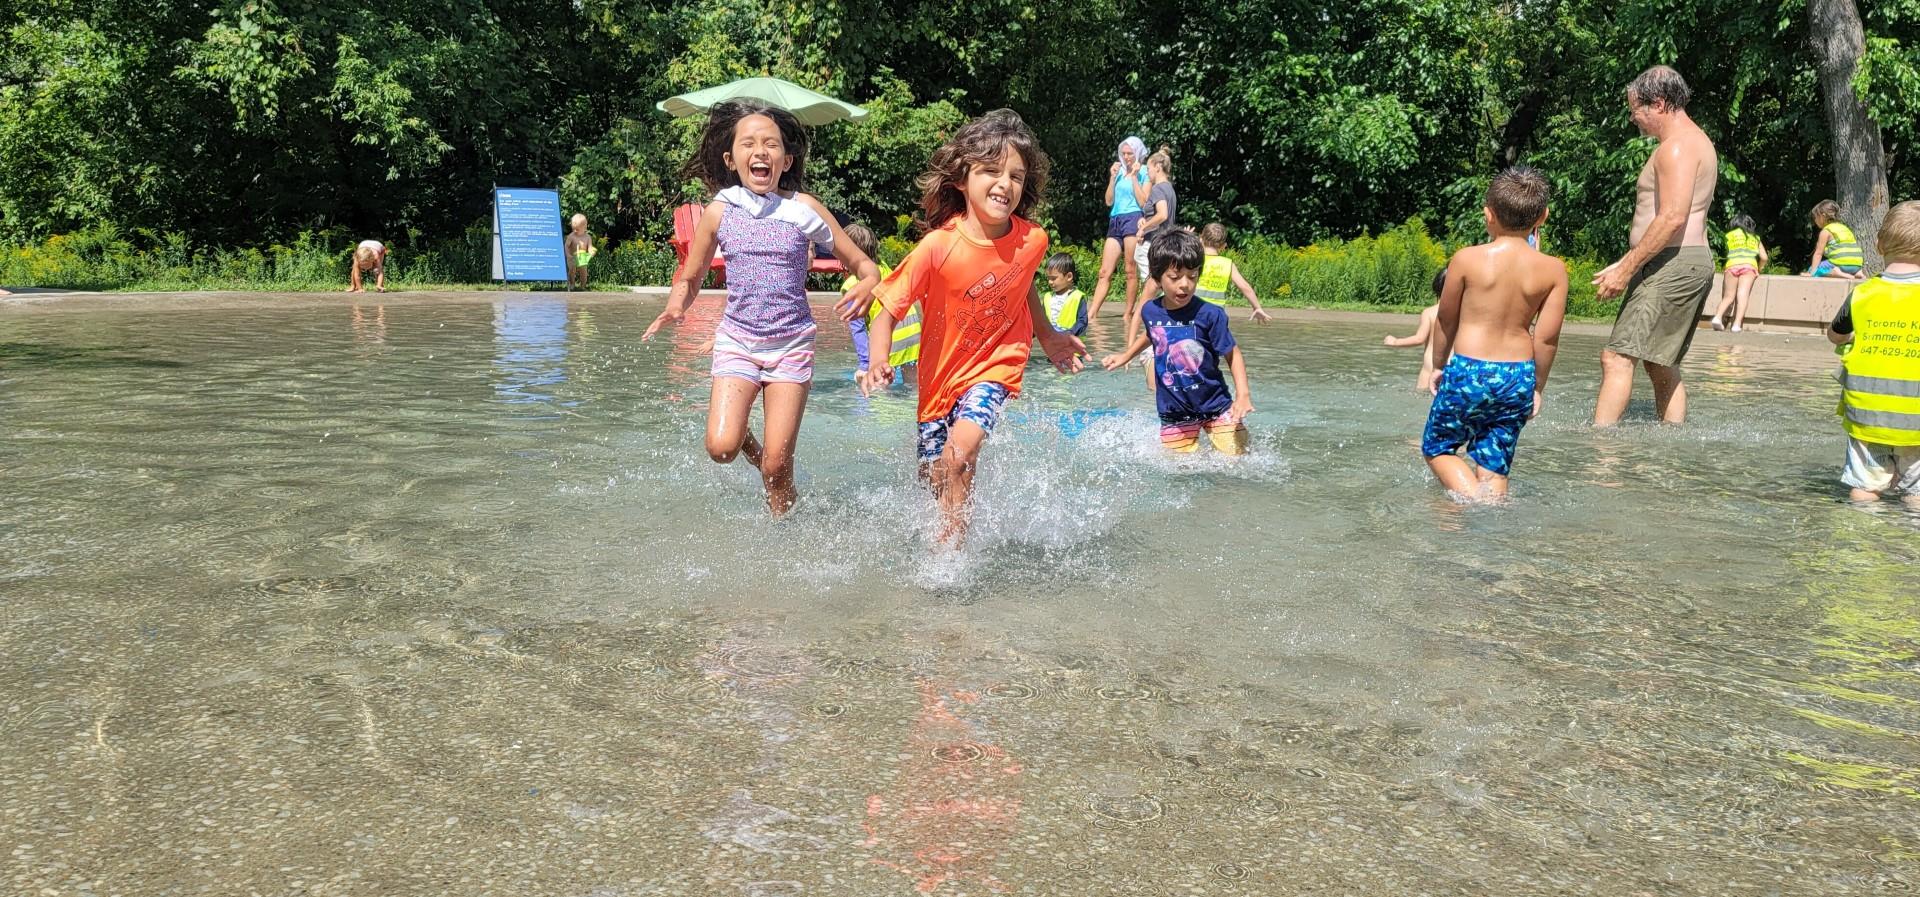 kids running through High PArk Toronto wading pool